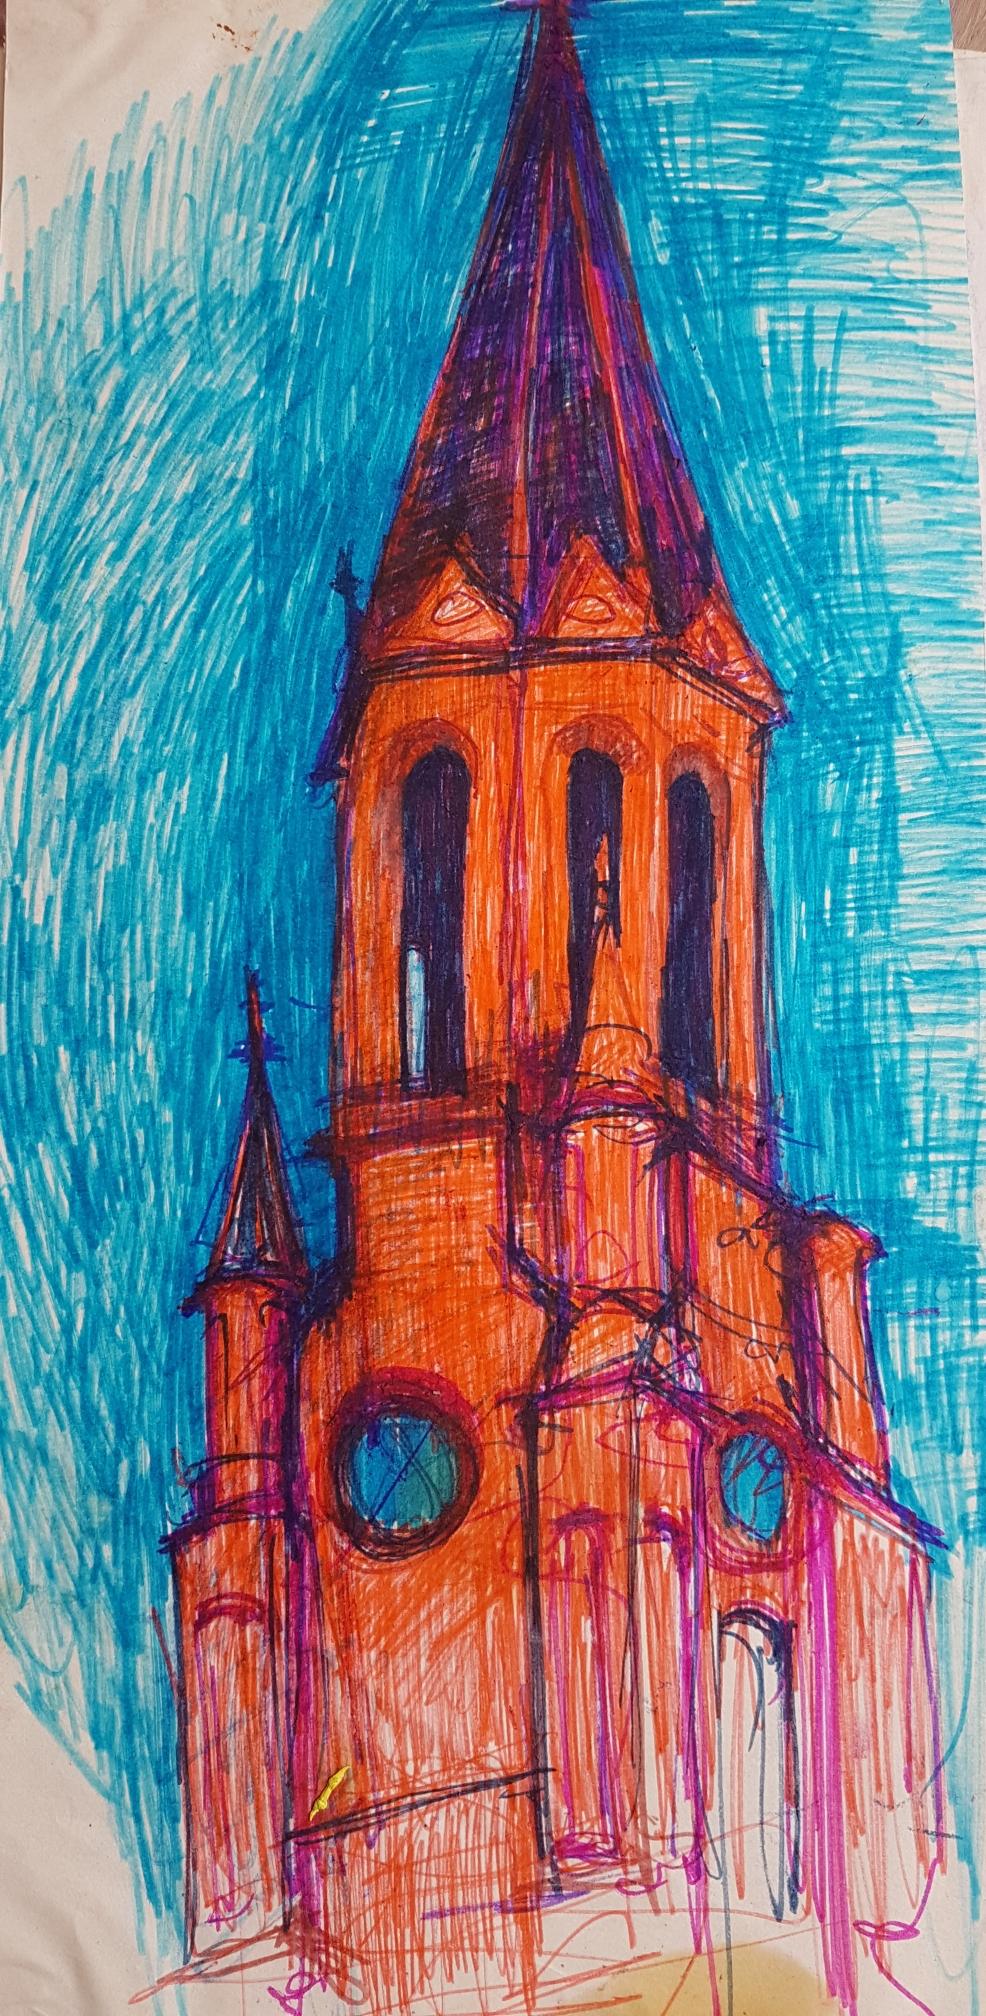 Kirchturm in der Nacht, Filzstift auf Papier, 1997